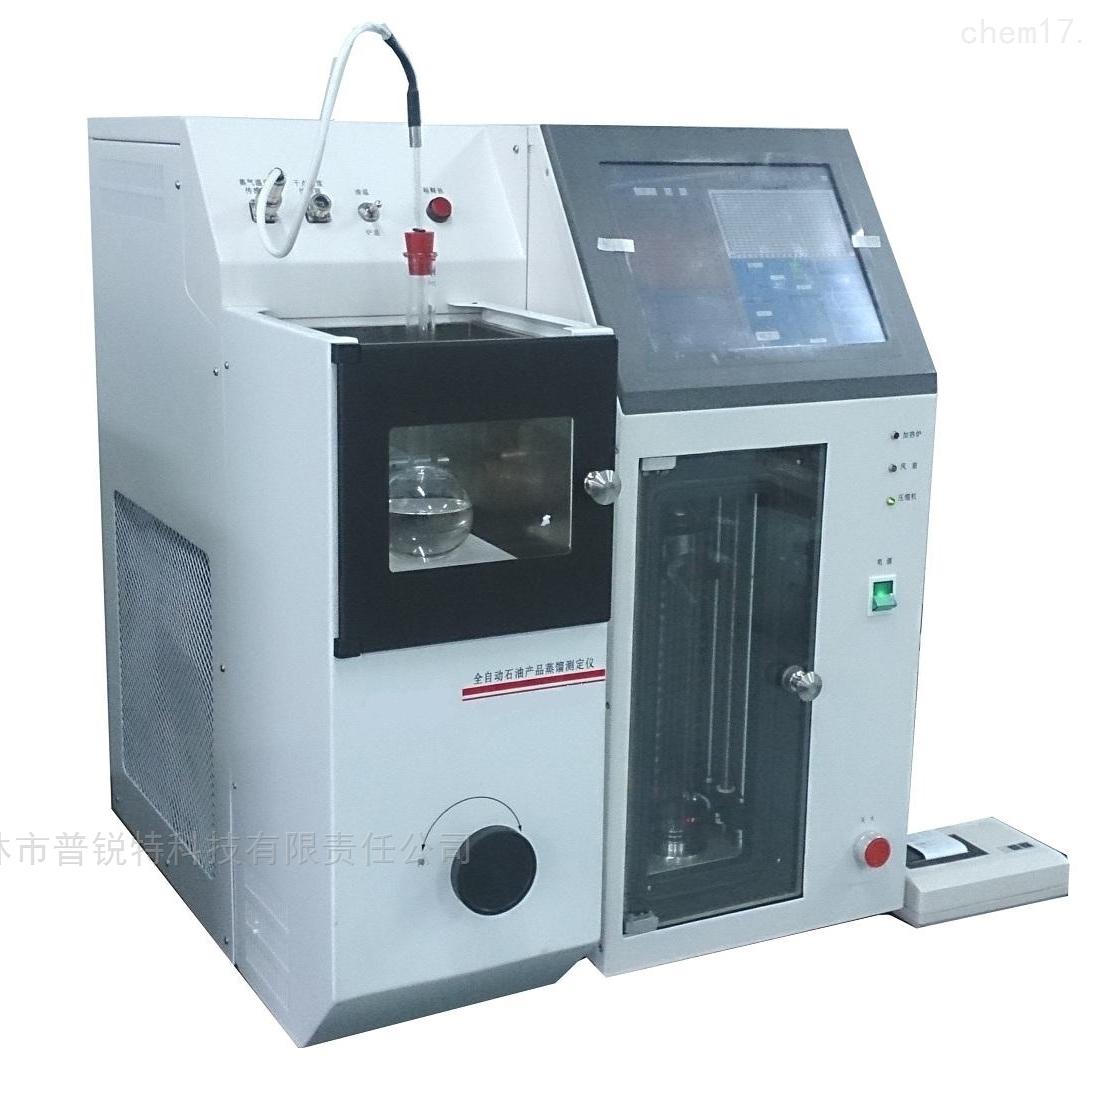 自動餾程測定儀